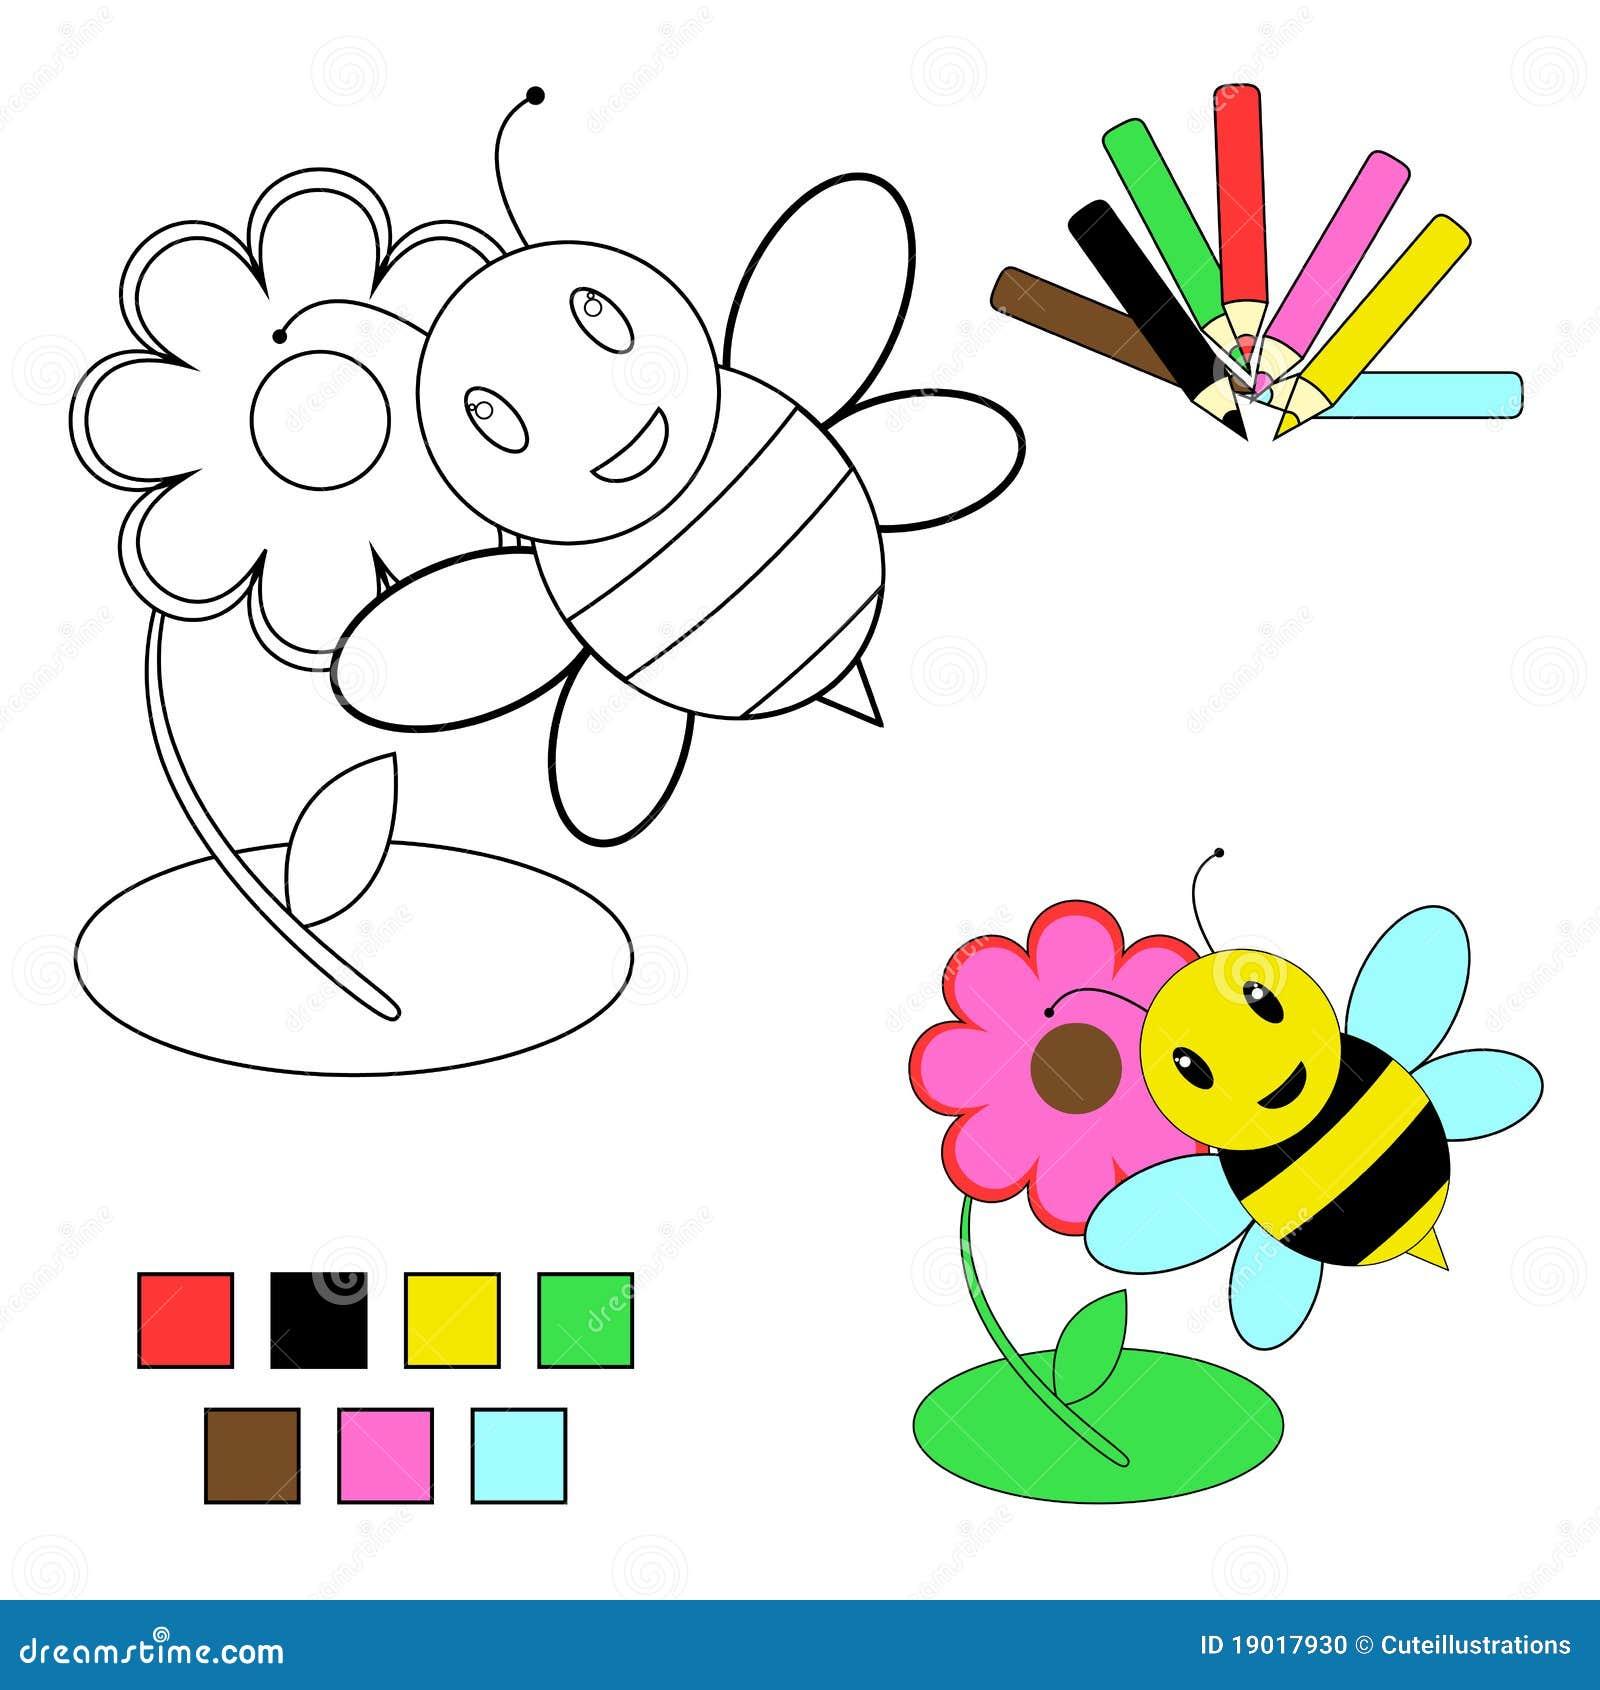 Coloring Book Sketch